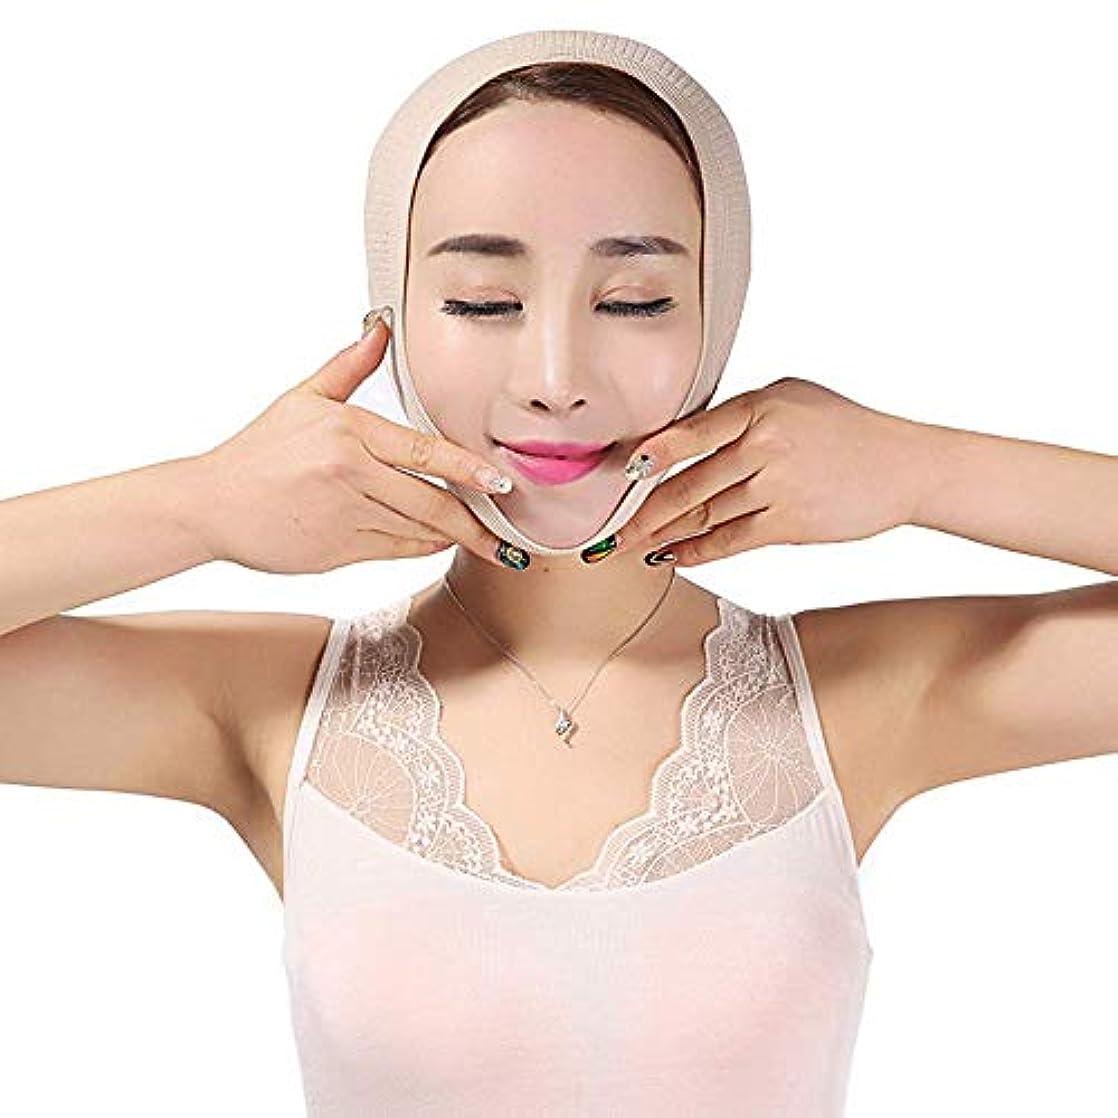 知らせるキャビン散歩に行く薄い顔の器械のマスクの改装の包帯Vの表面持ち上がることの引き締めの美顔術の二重最大の顔のマッサージャー